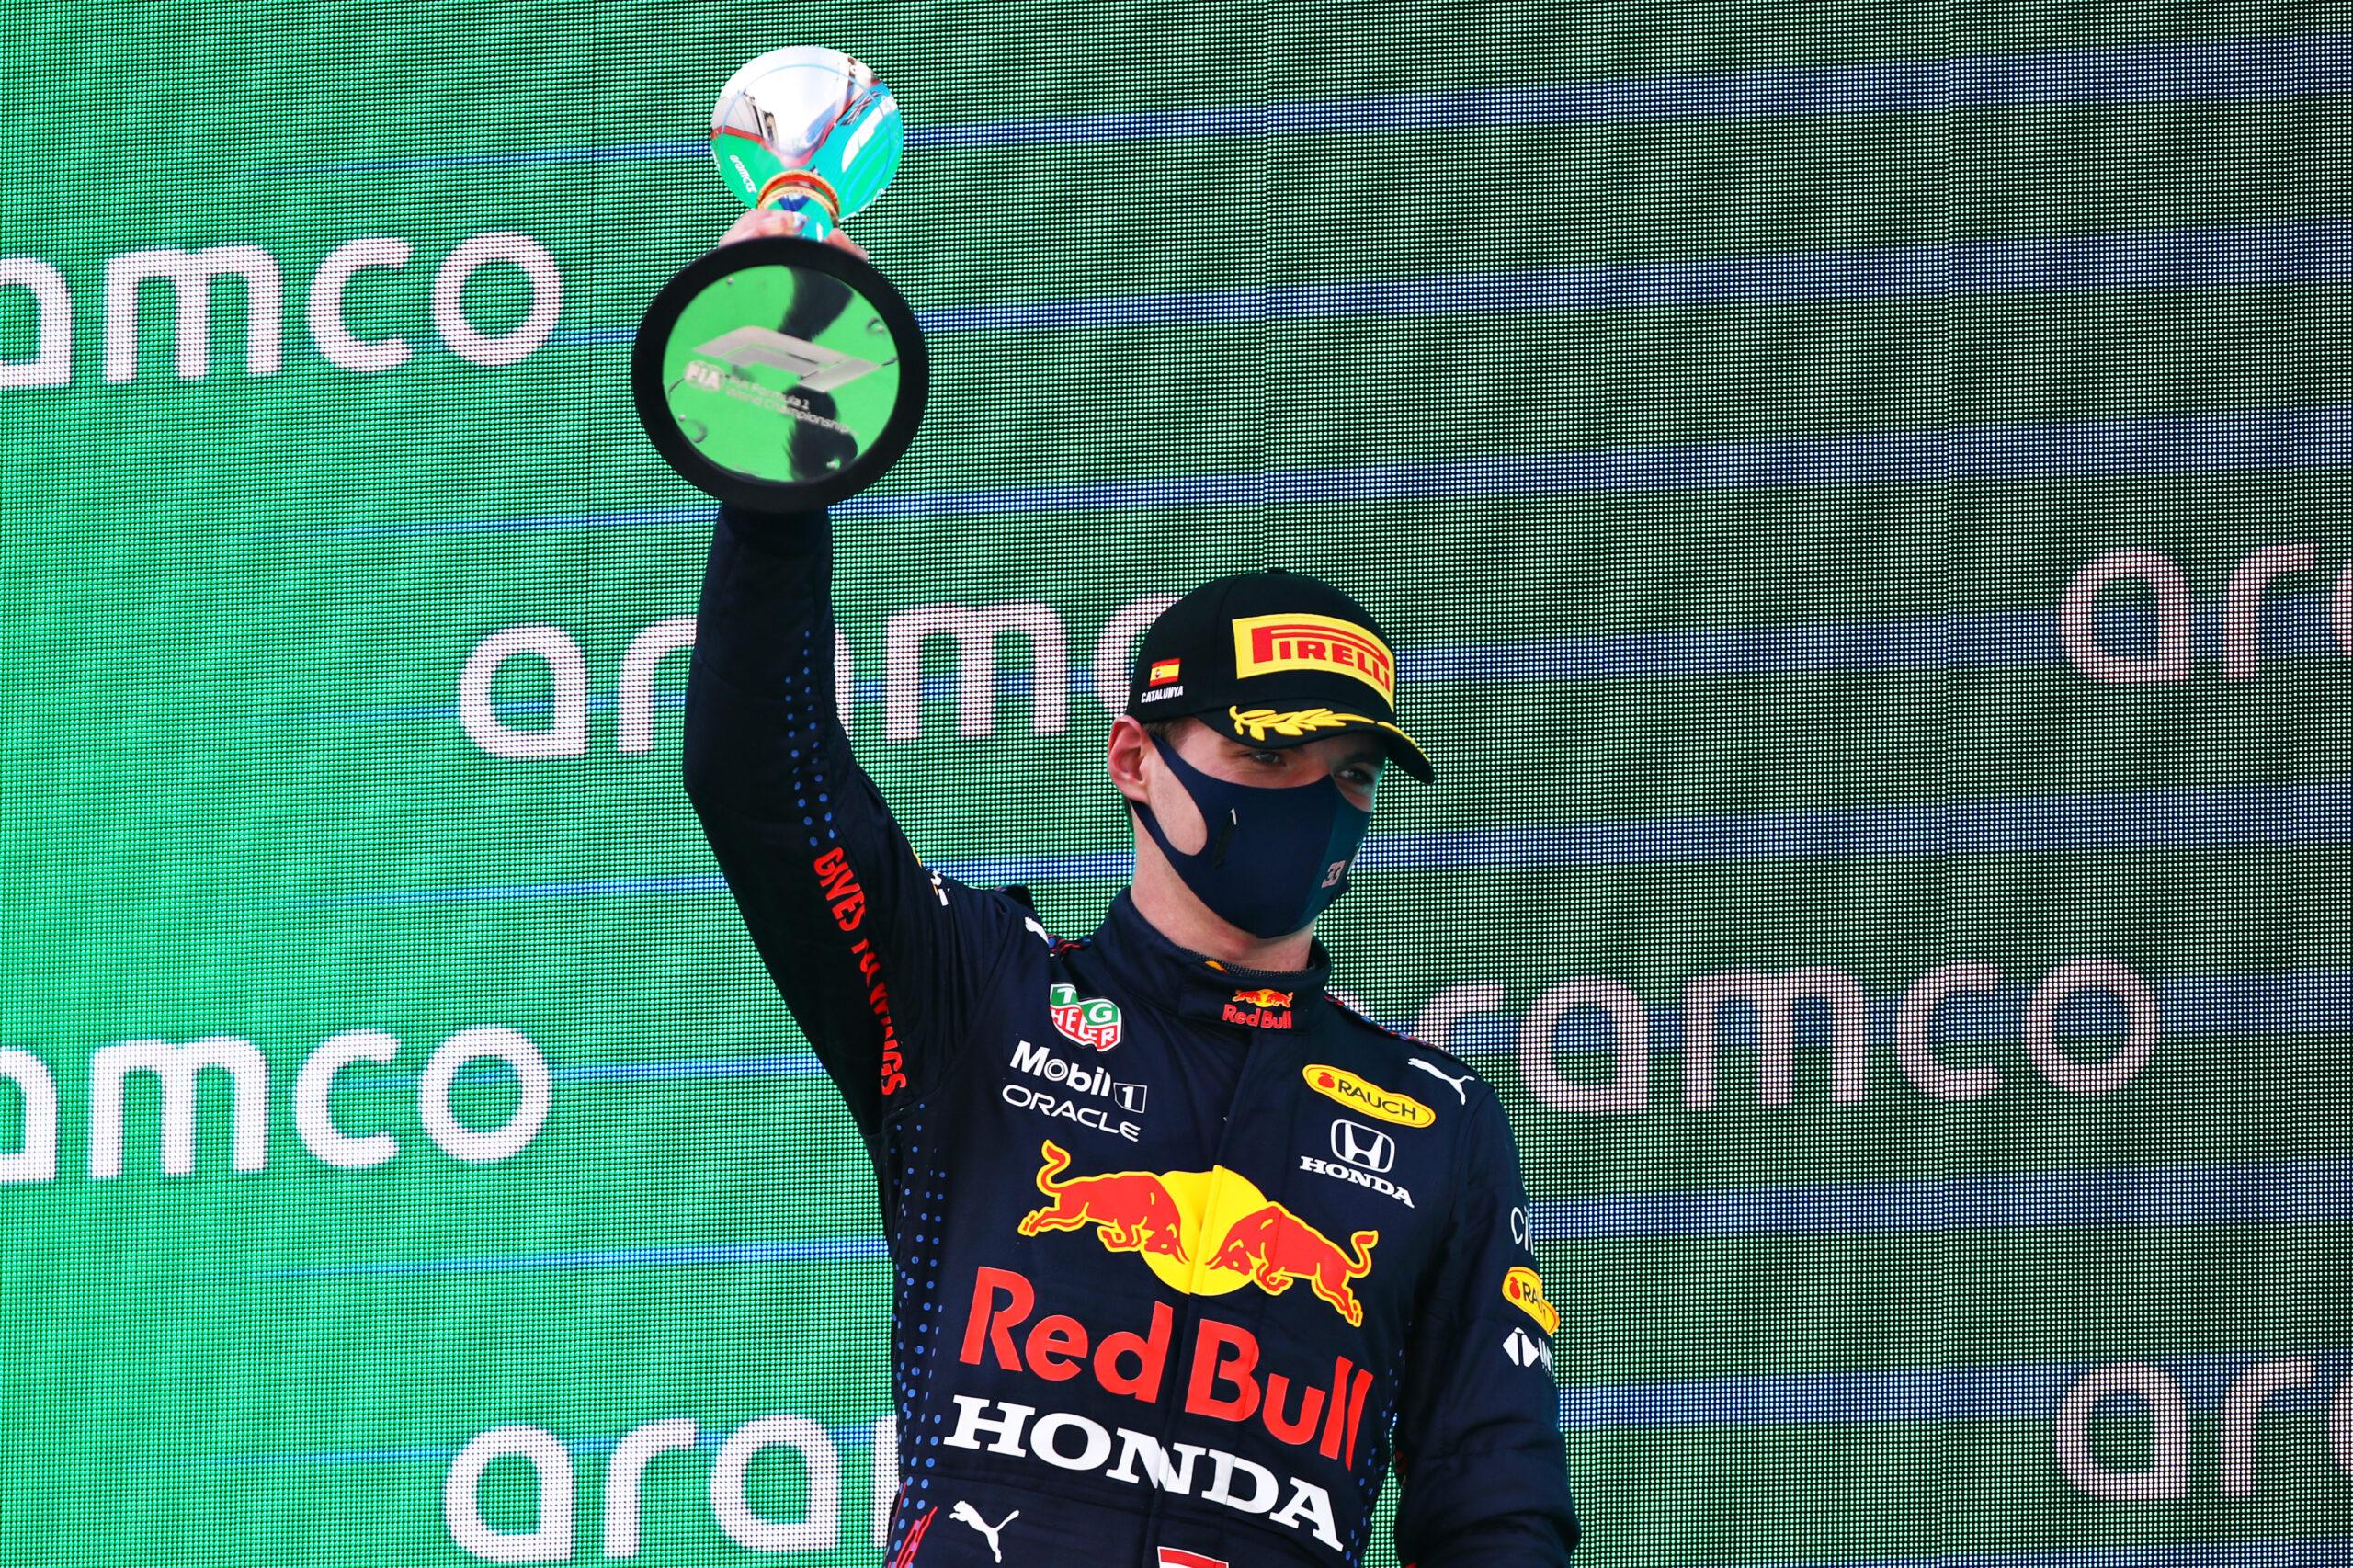 Spaanse GP Feiten & Statistieken: Verstappen 'sitting duck' voor Hamilton's Mercedes